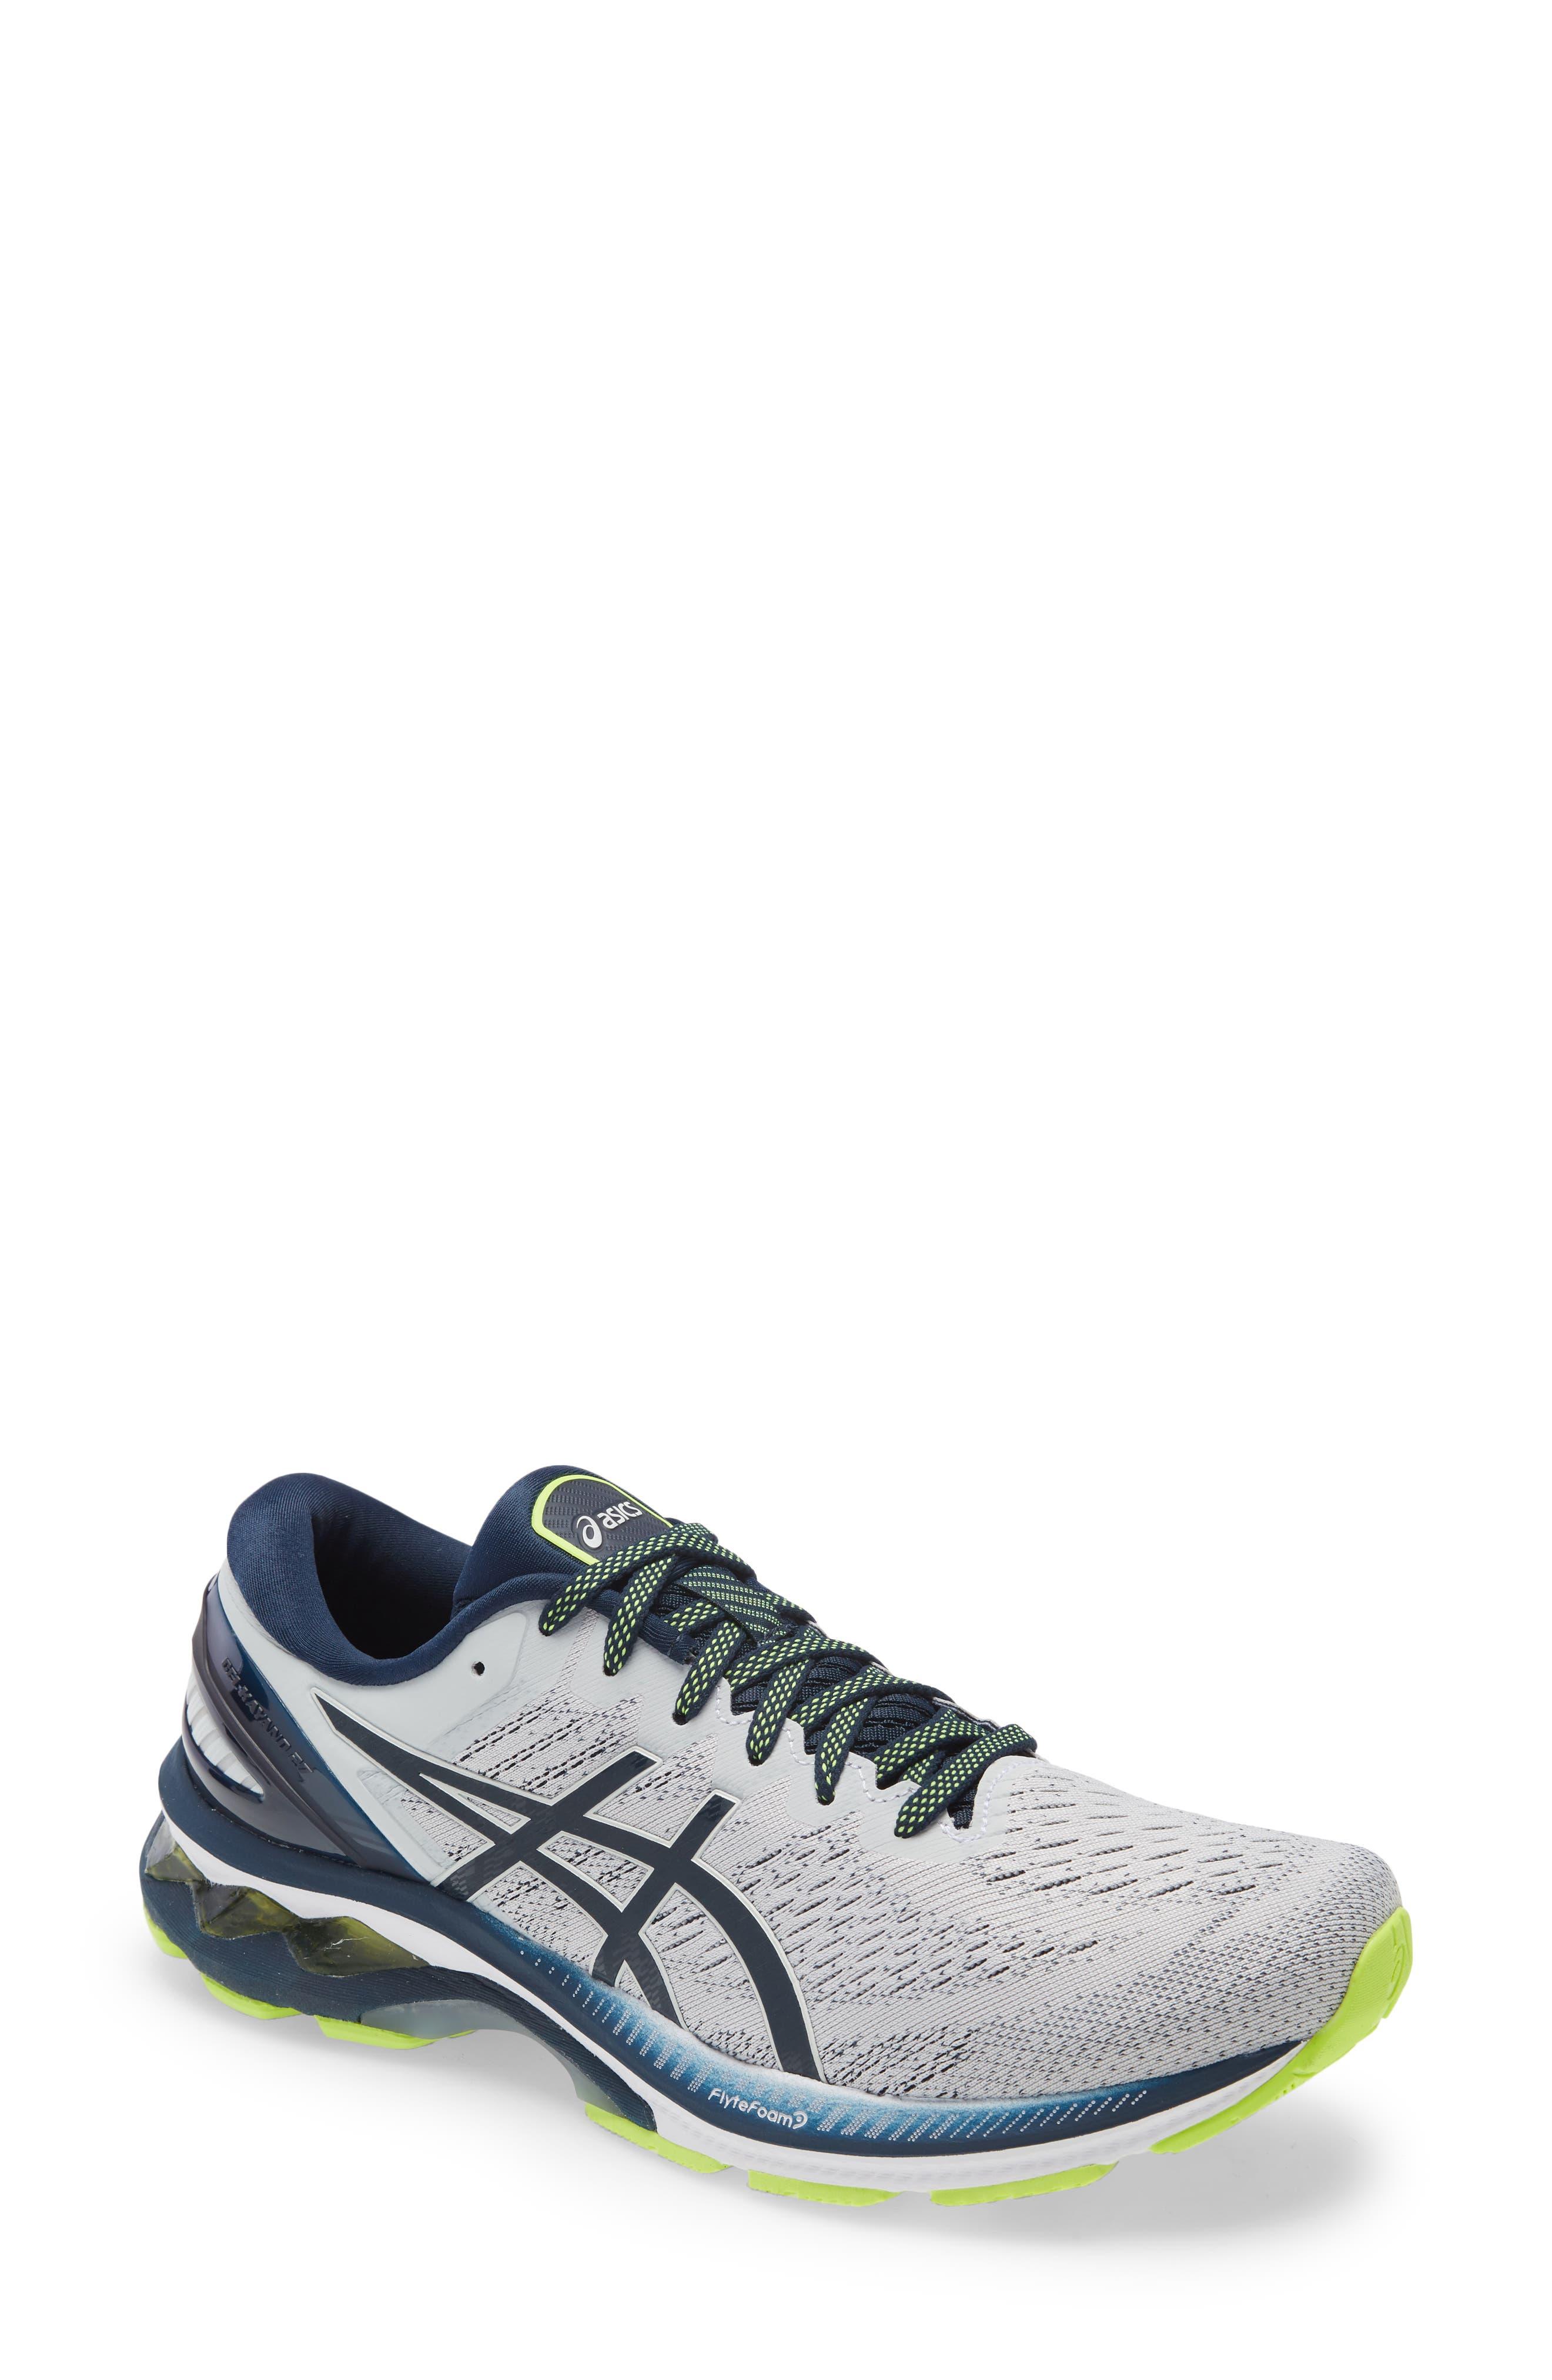 Men's Asics Gel-Kayano 27 Running Shoe